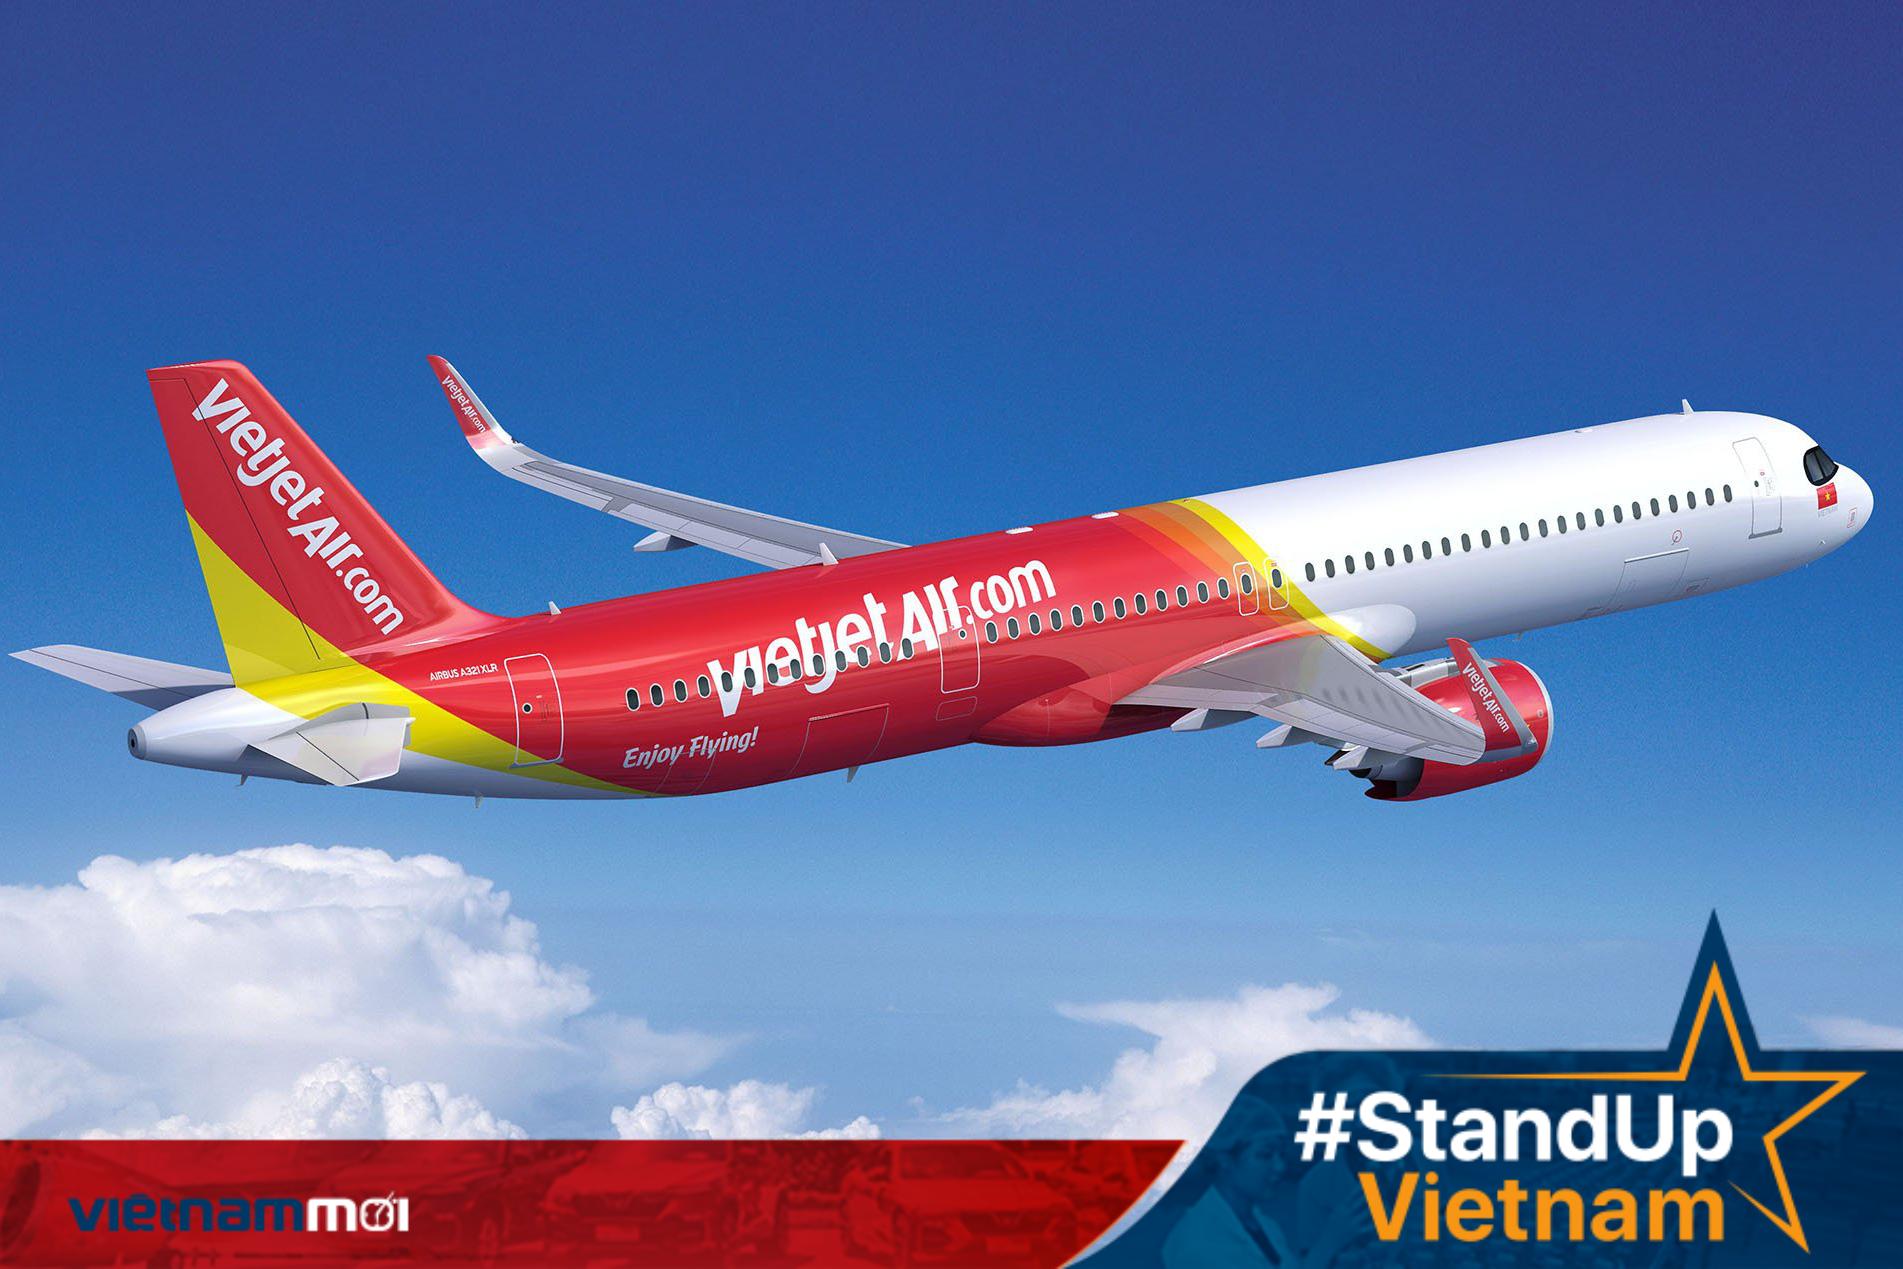 Vietjet Air mở bán giá vé cho các chặng nội địa chỉ từ 18 nghìn đồng